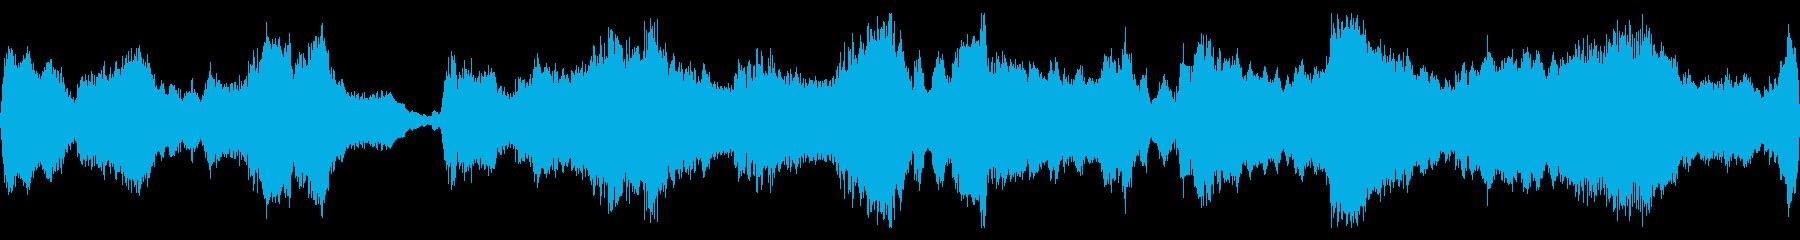 モーツァルト風の弦楽四重奏【ループ】の再生済みの波形